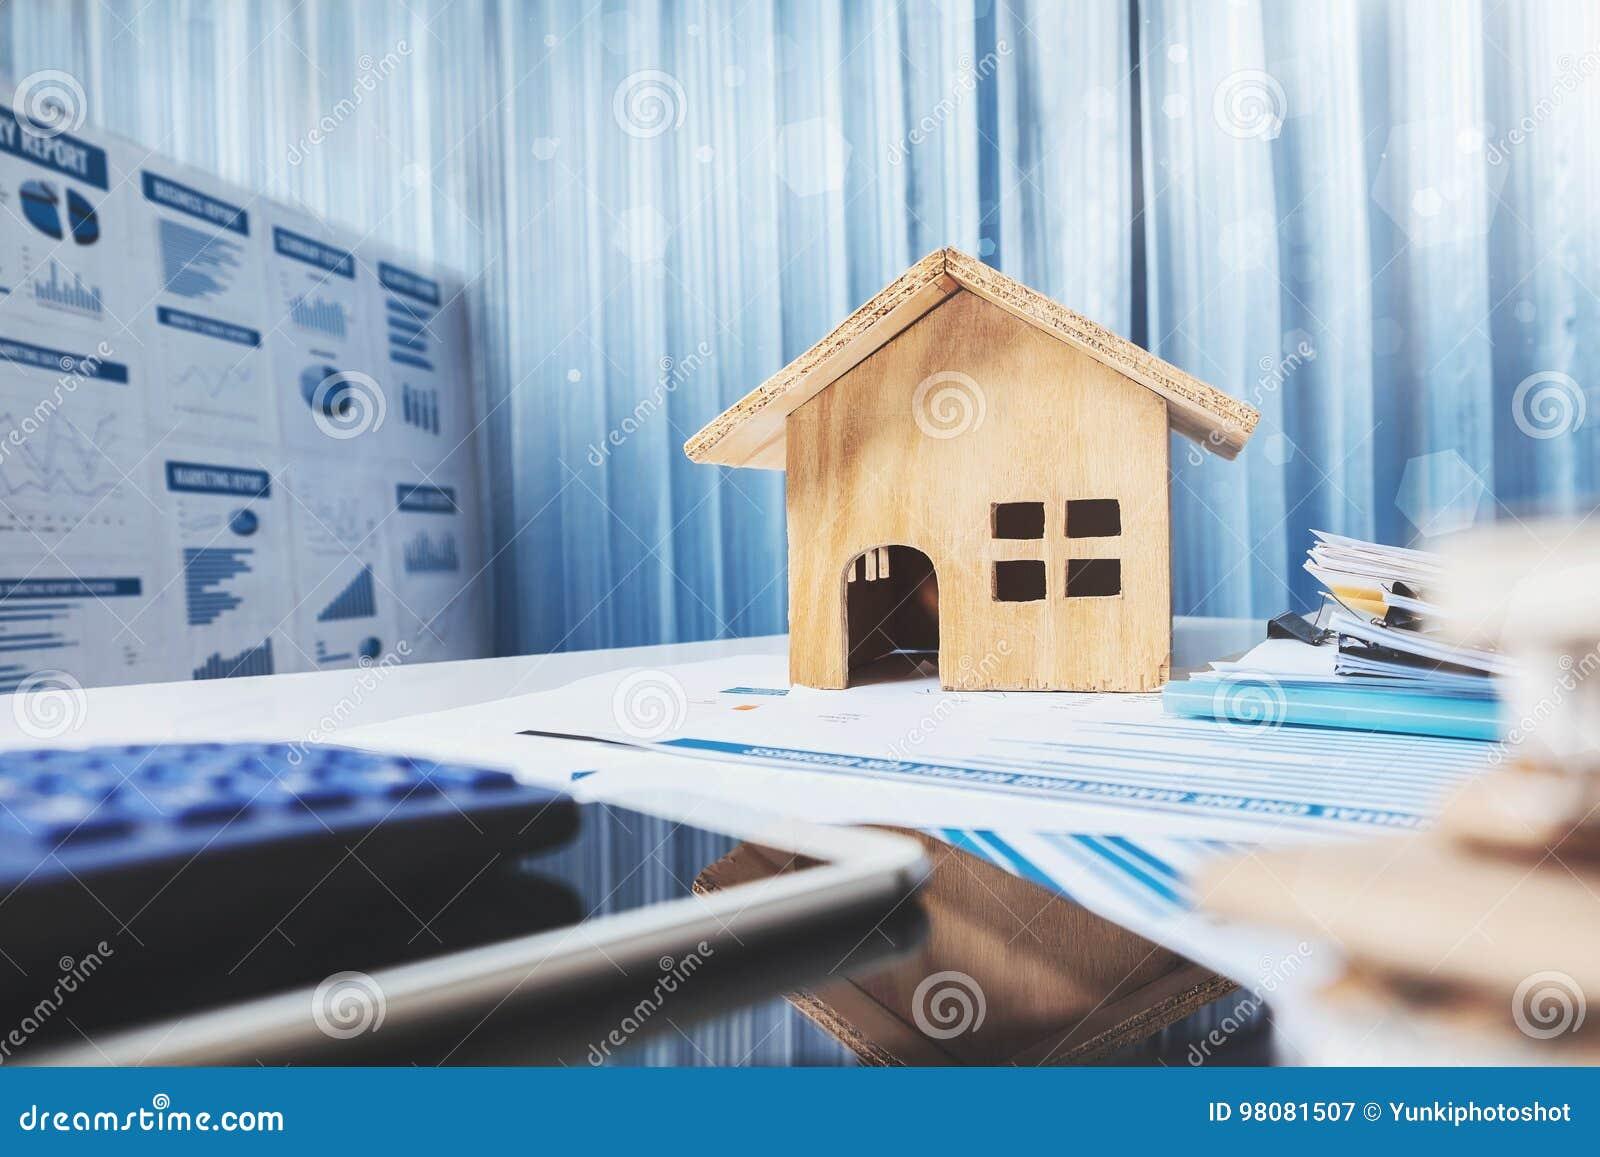 Chambre et propriété à vendre le concept jouet de maison en bois